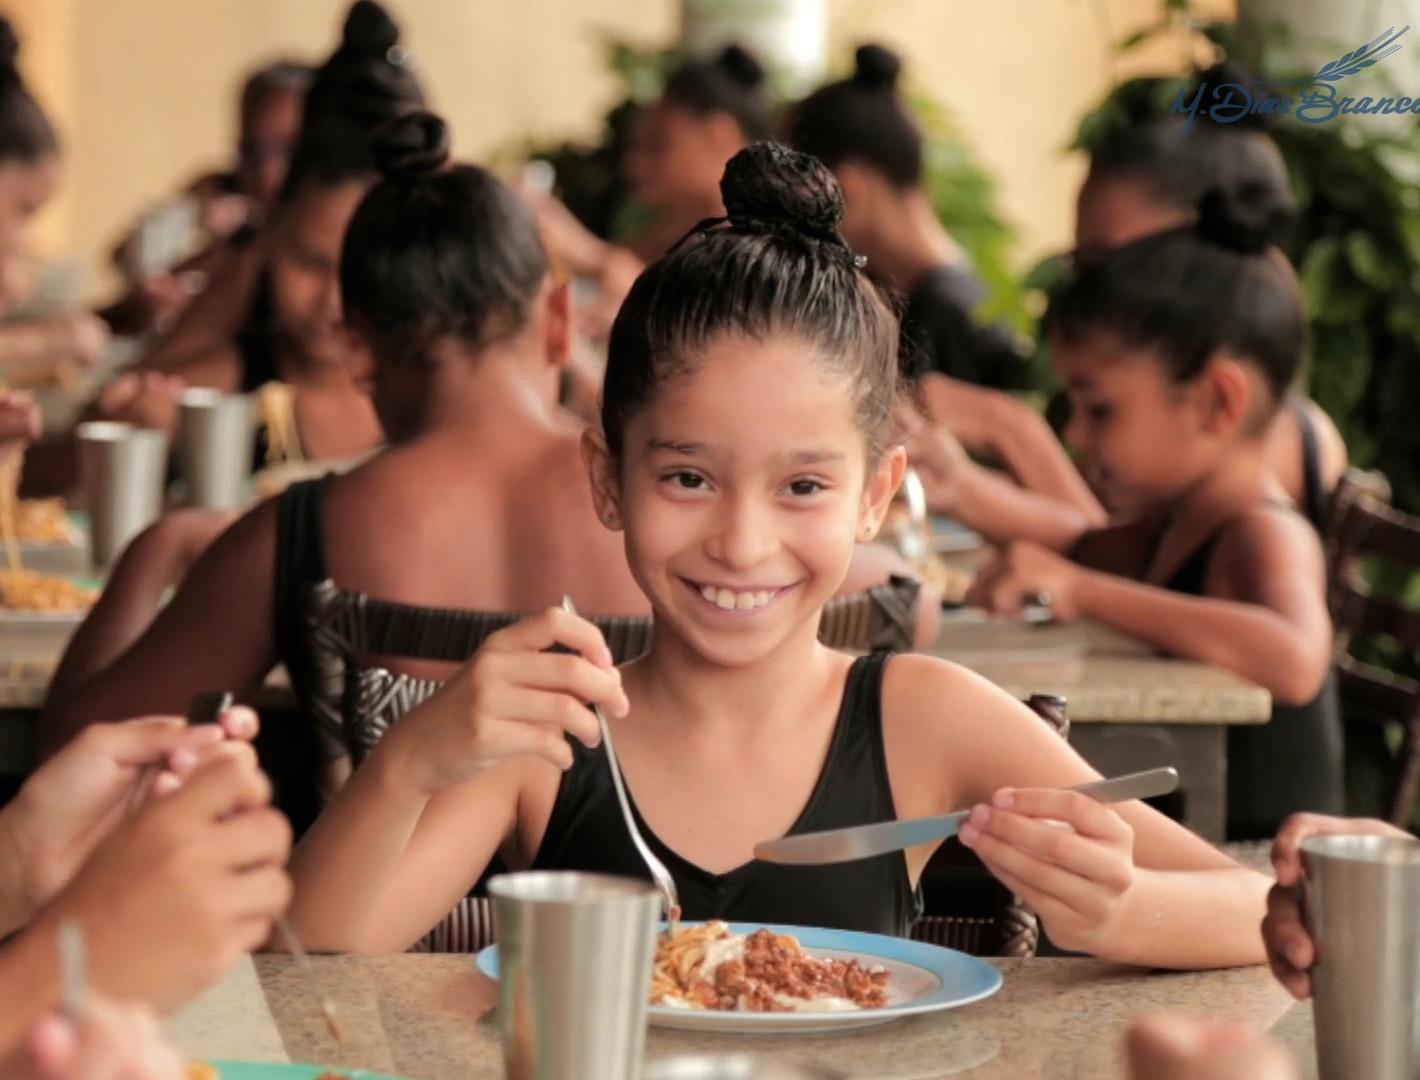 M. Dias Branco doa R$17 milhões em produtos, equivalentes a mais de 3 mil toneladas de alimentos, para minimizar impactos da pandemia